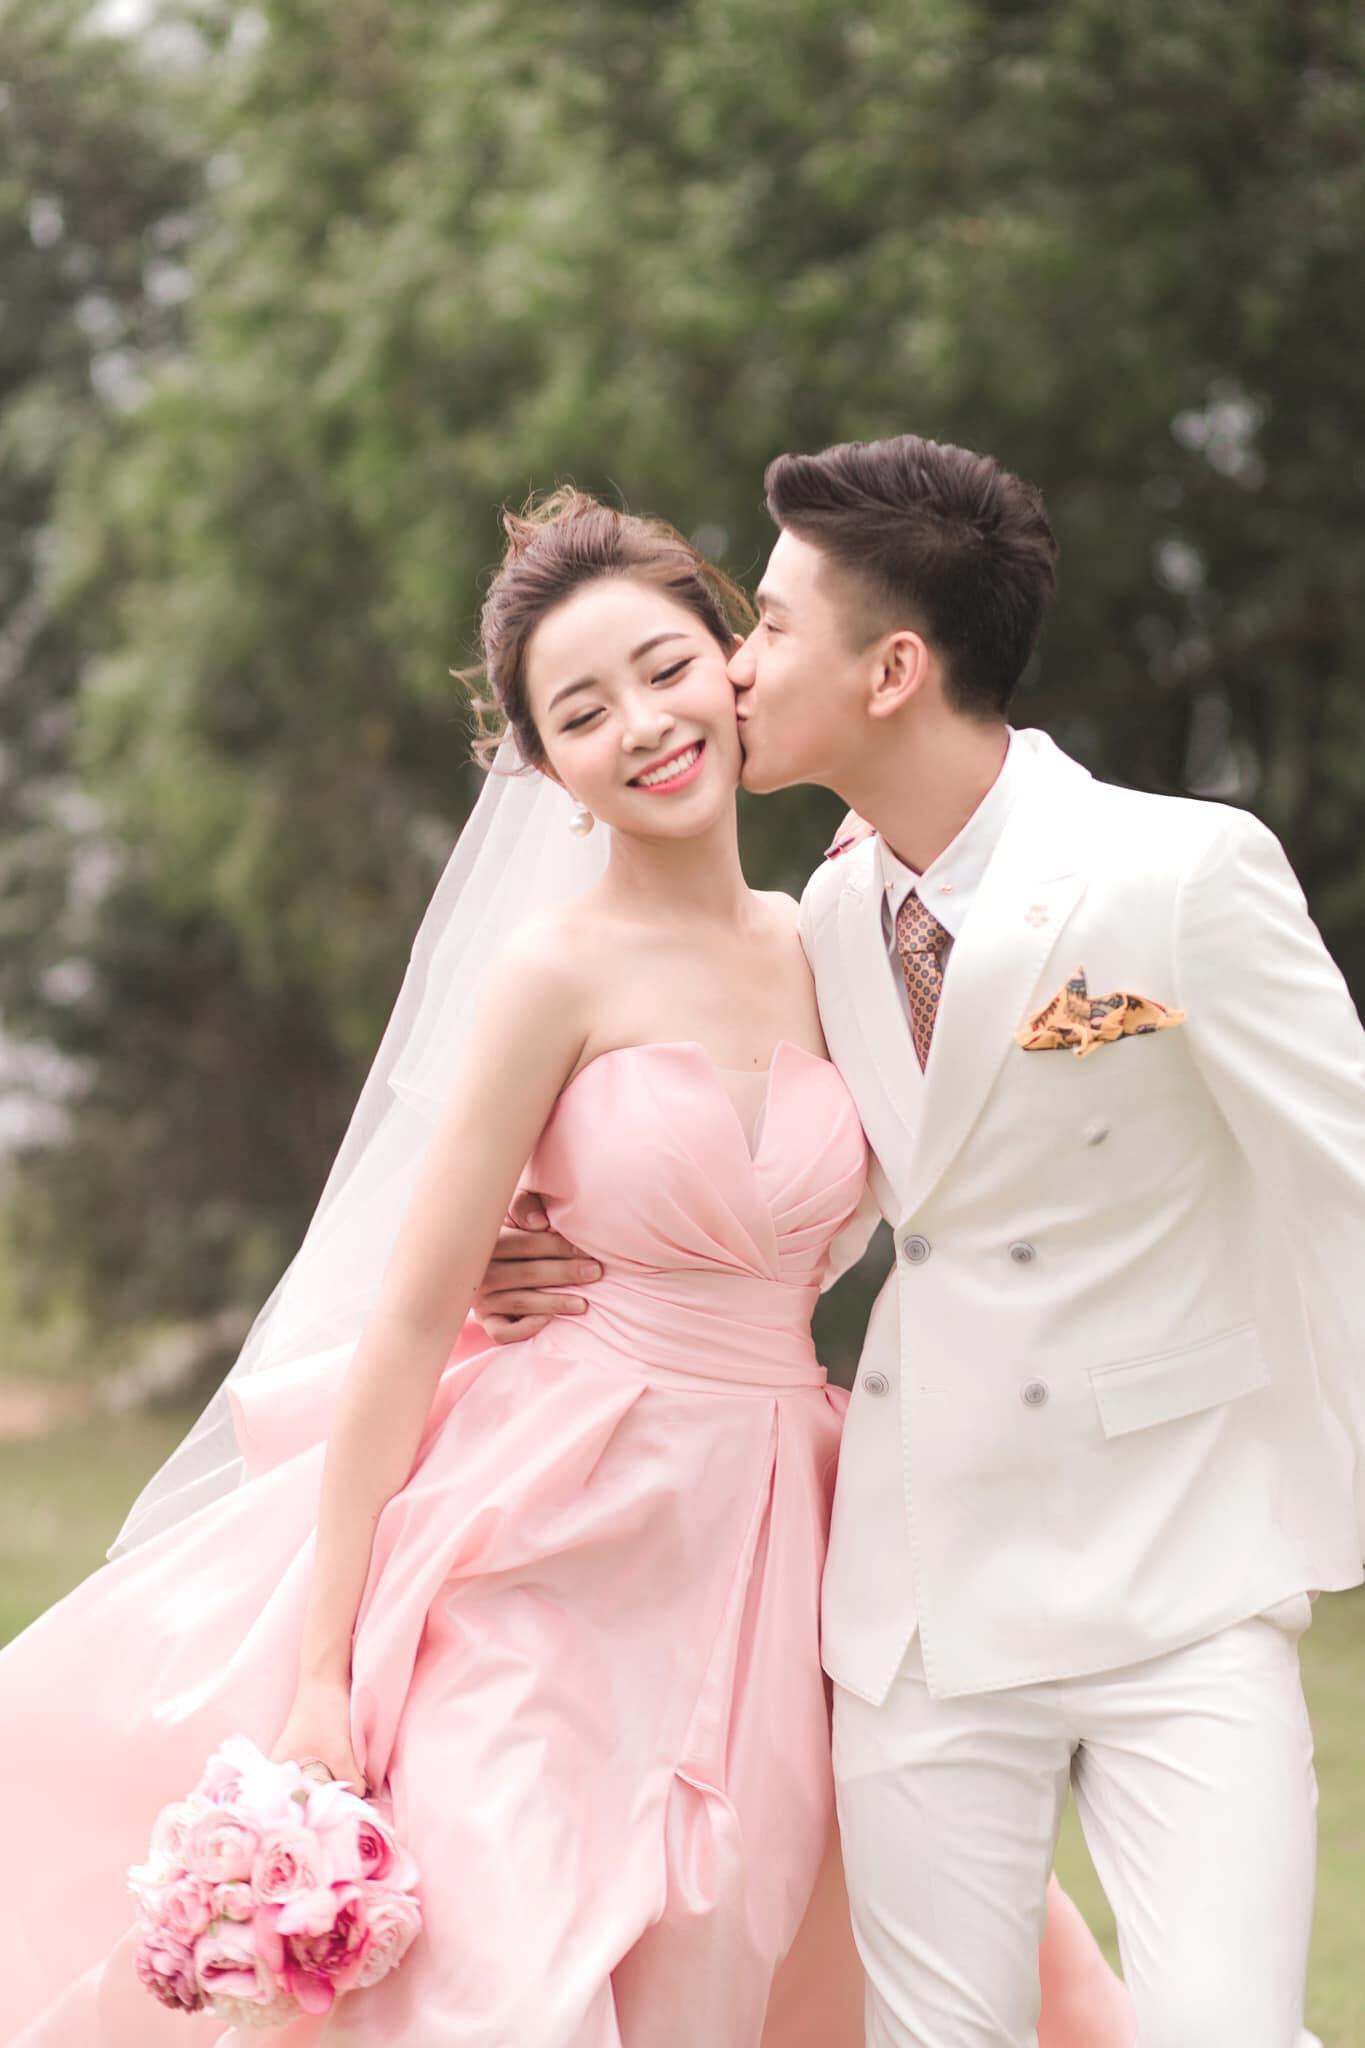 Vợ sắp cưới của Phan Văn Đức từ chối du lịch châu Âu để đón Tết cùng gia đình Ảnh 9